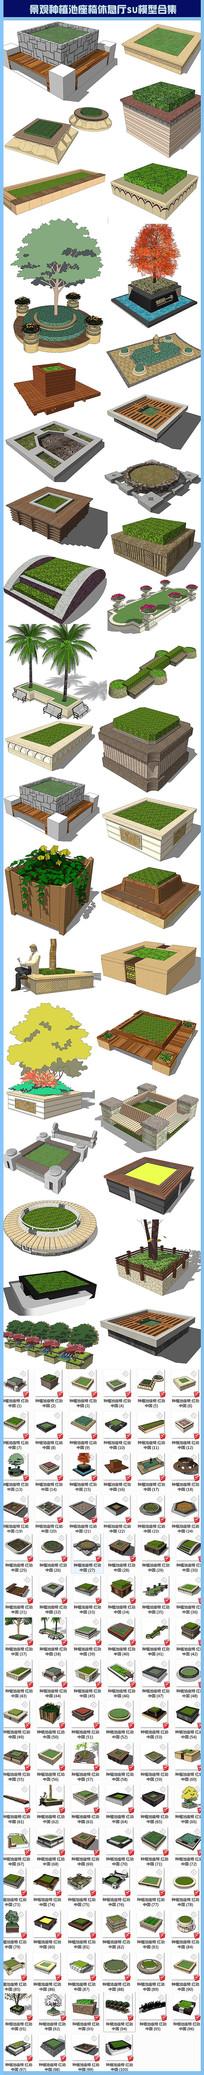 景观种植池座椅休息厅su模型 skp